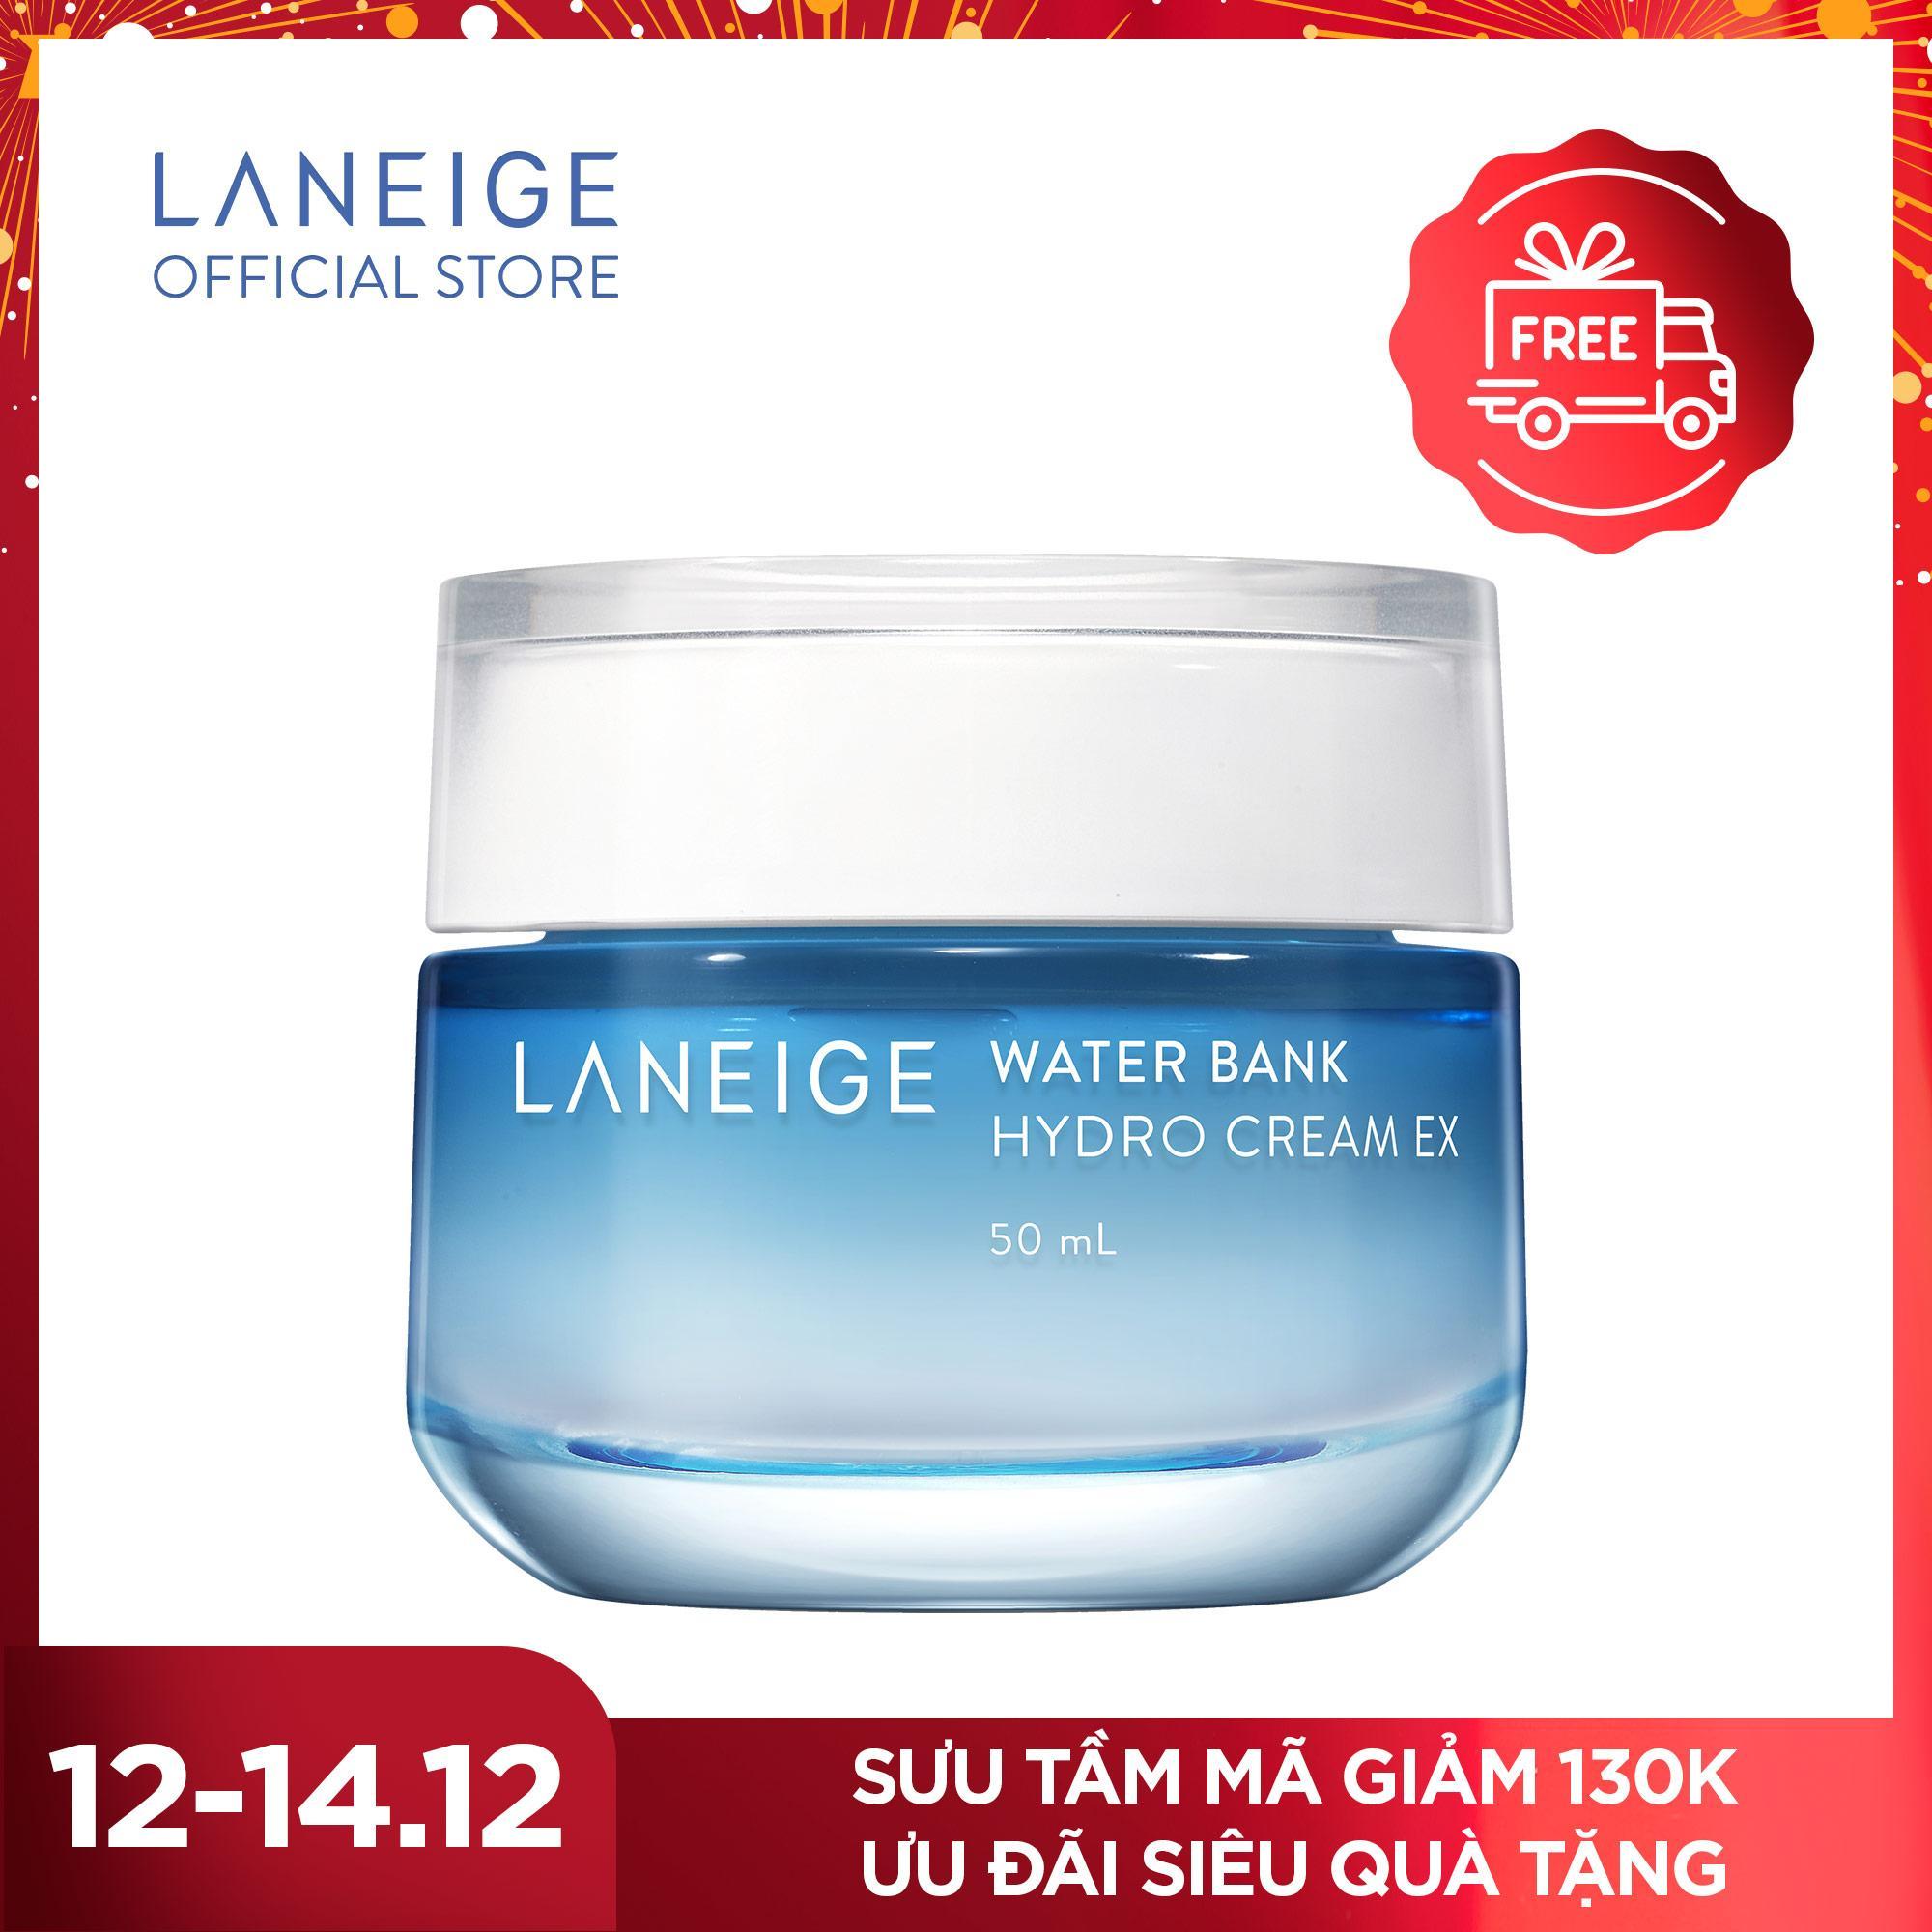 Kem Dưỡng ẩm Với Thành Phần Nước Khoáng Xanh Water Bank Hydro Cream EX 50ml Giá Rất Tiết Kiệm